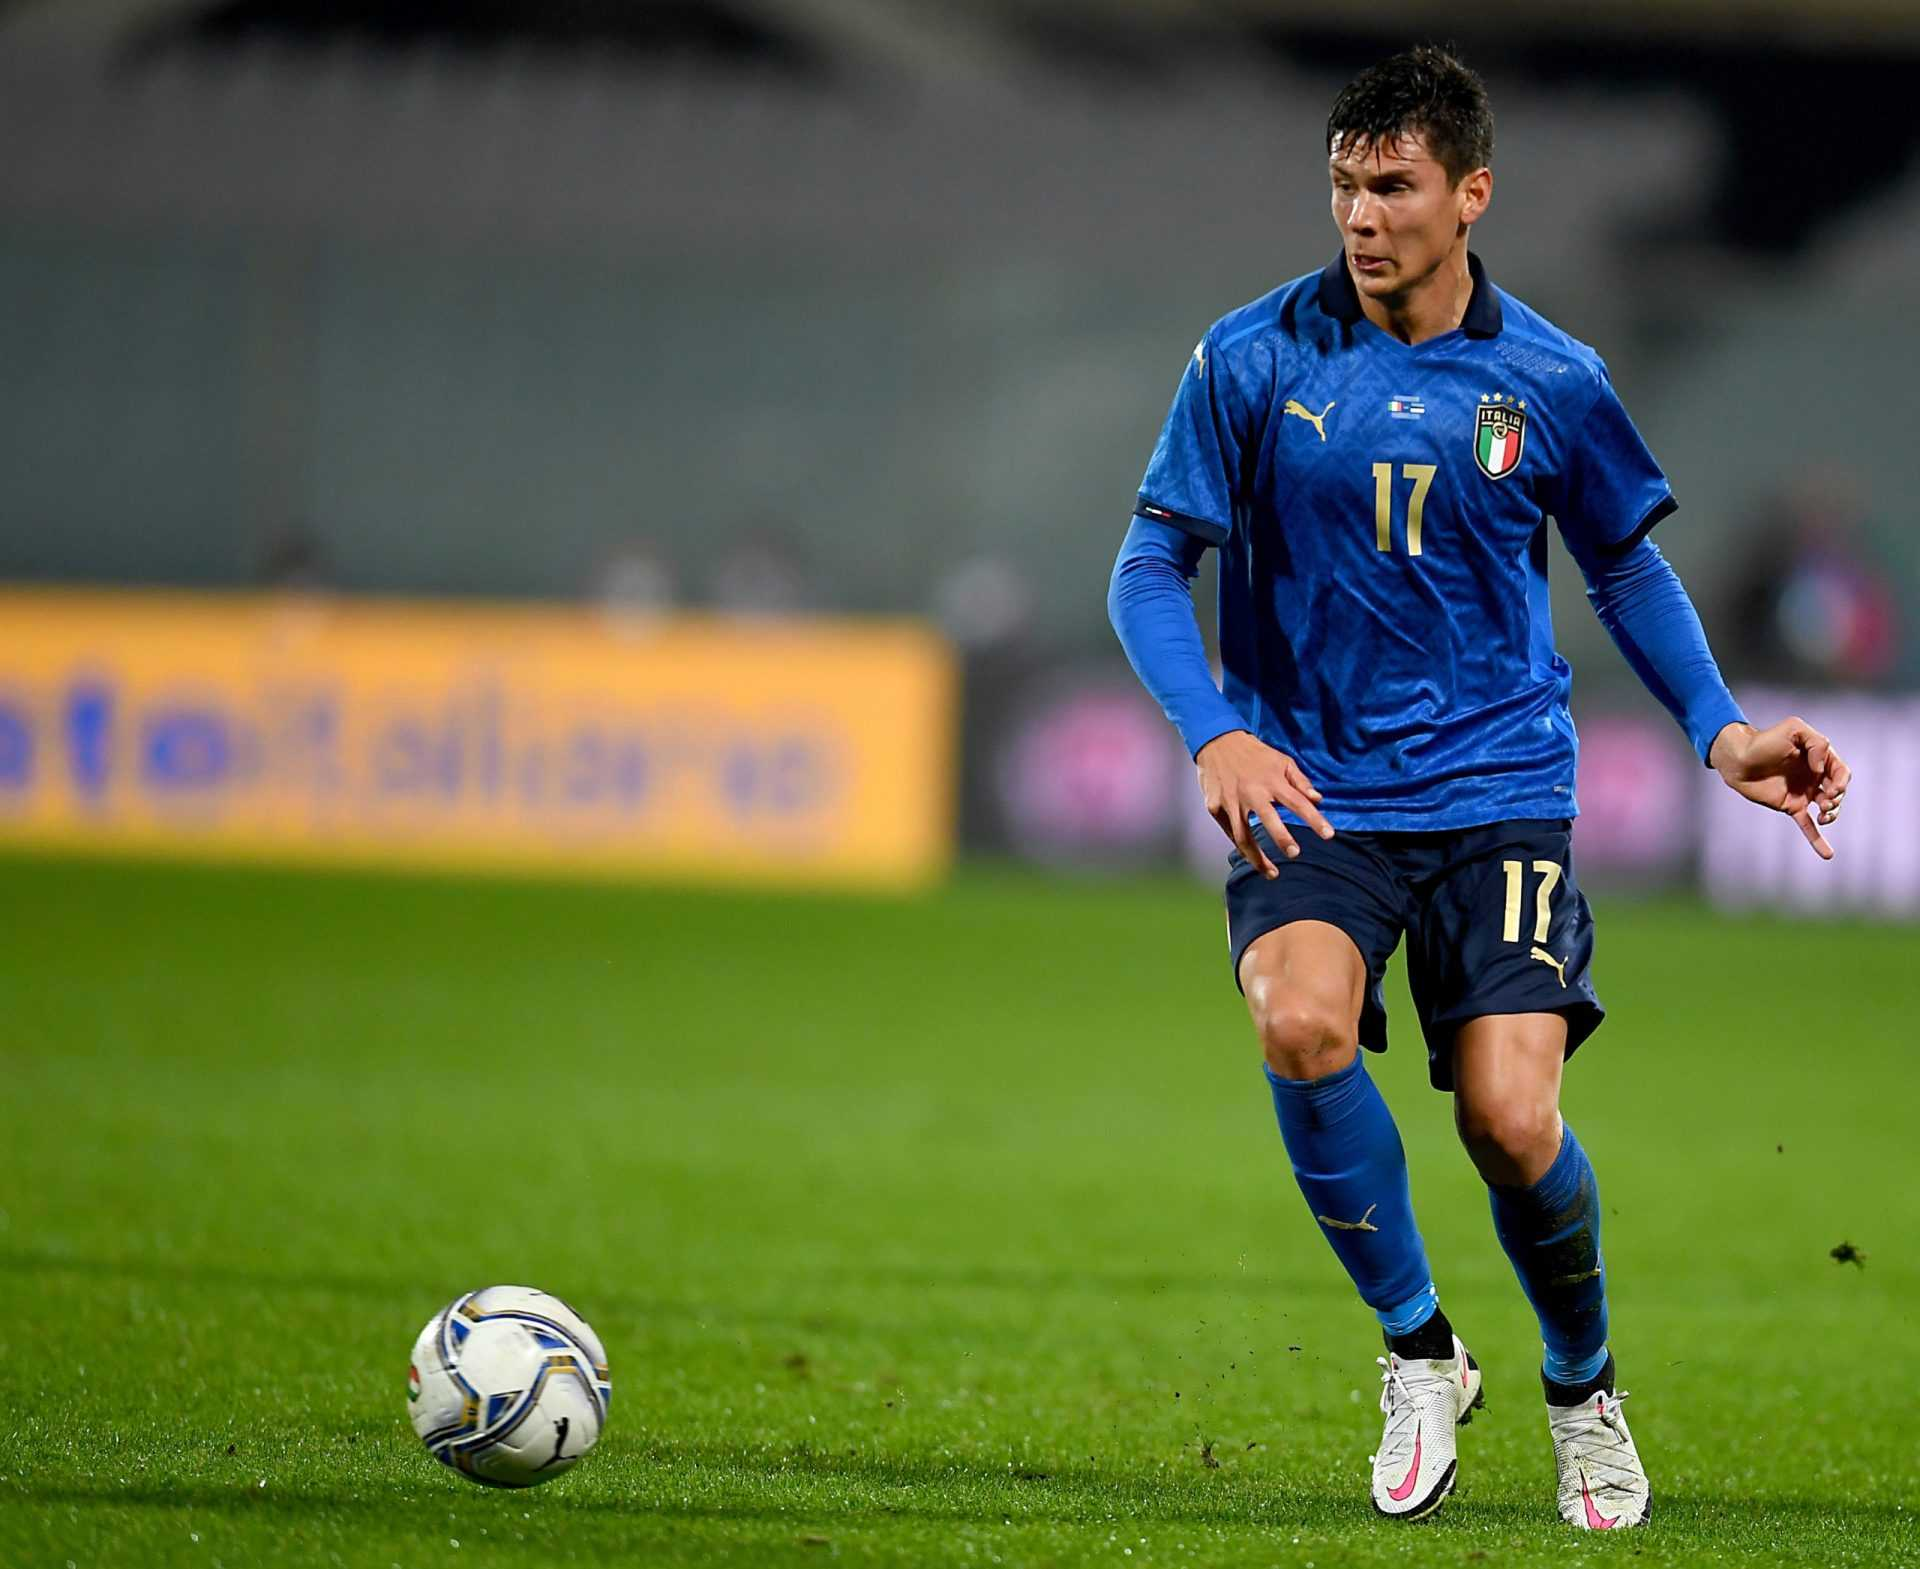 Italia-Austria (2-1 d.t.s.): analisi tattica e considerazioni